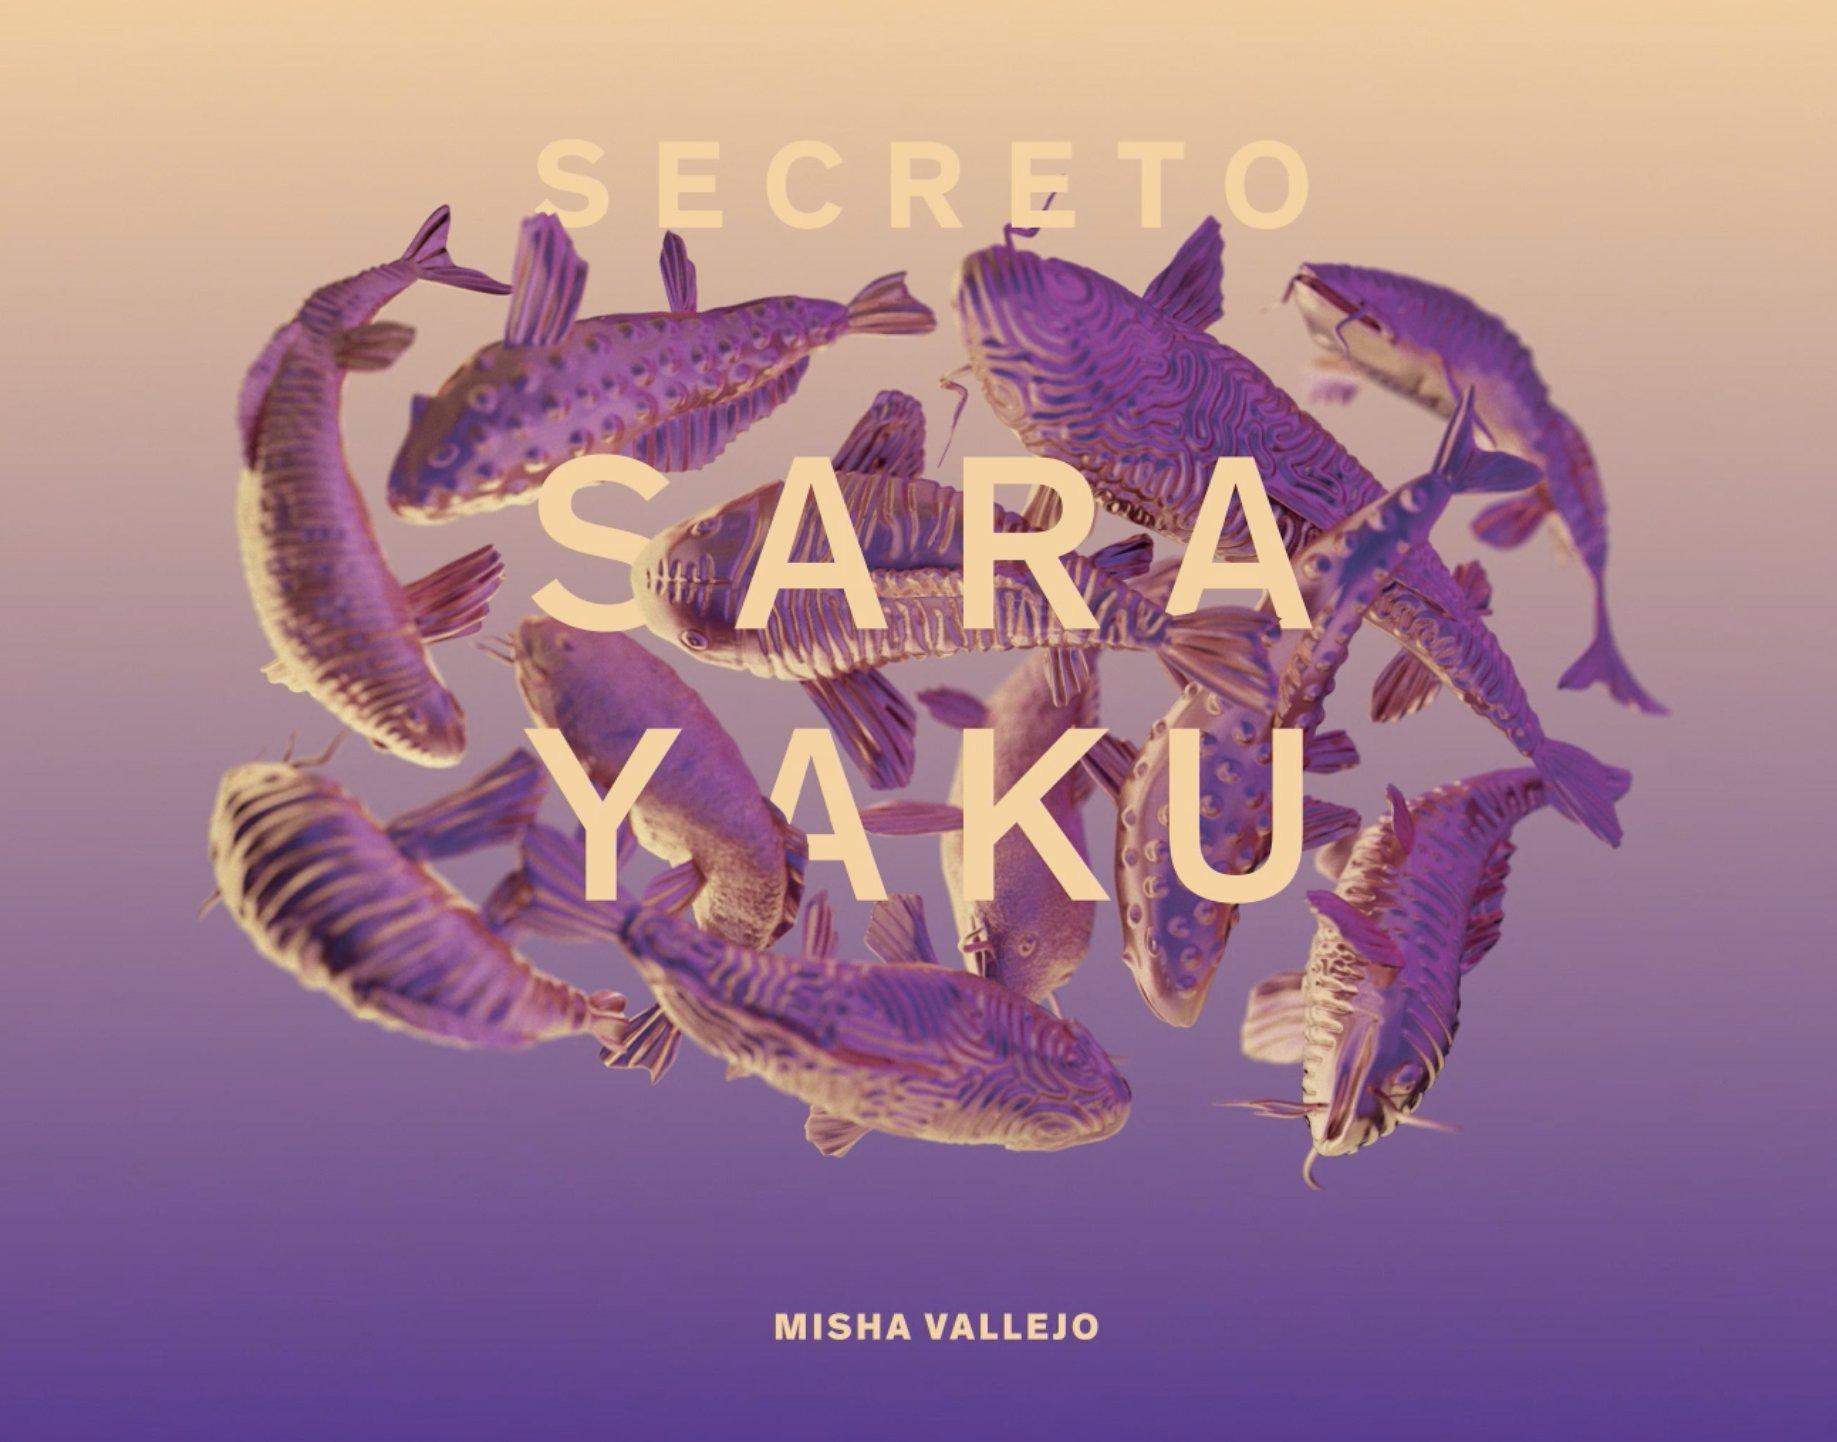 secret-sarayaku